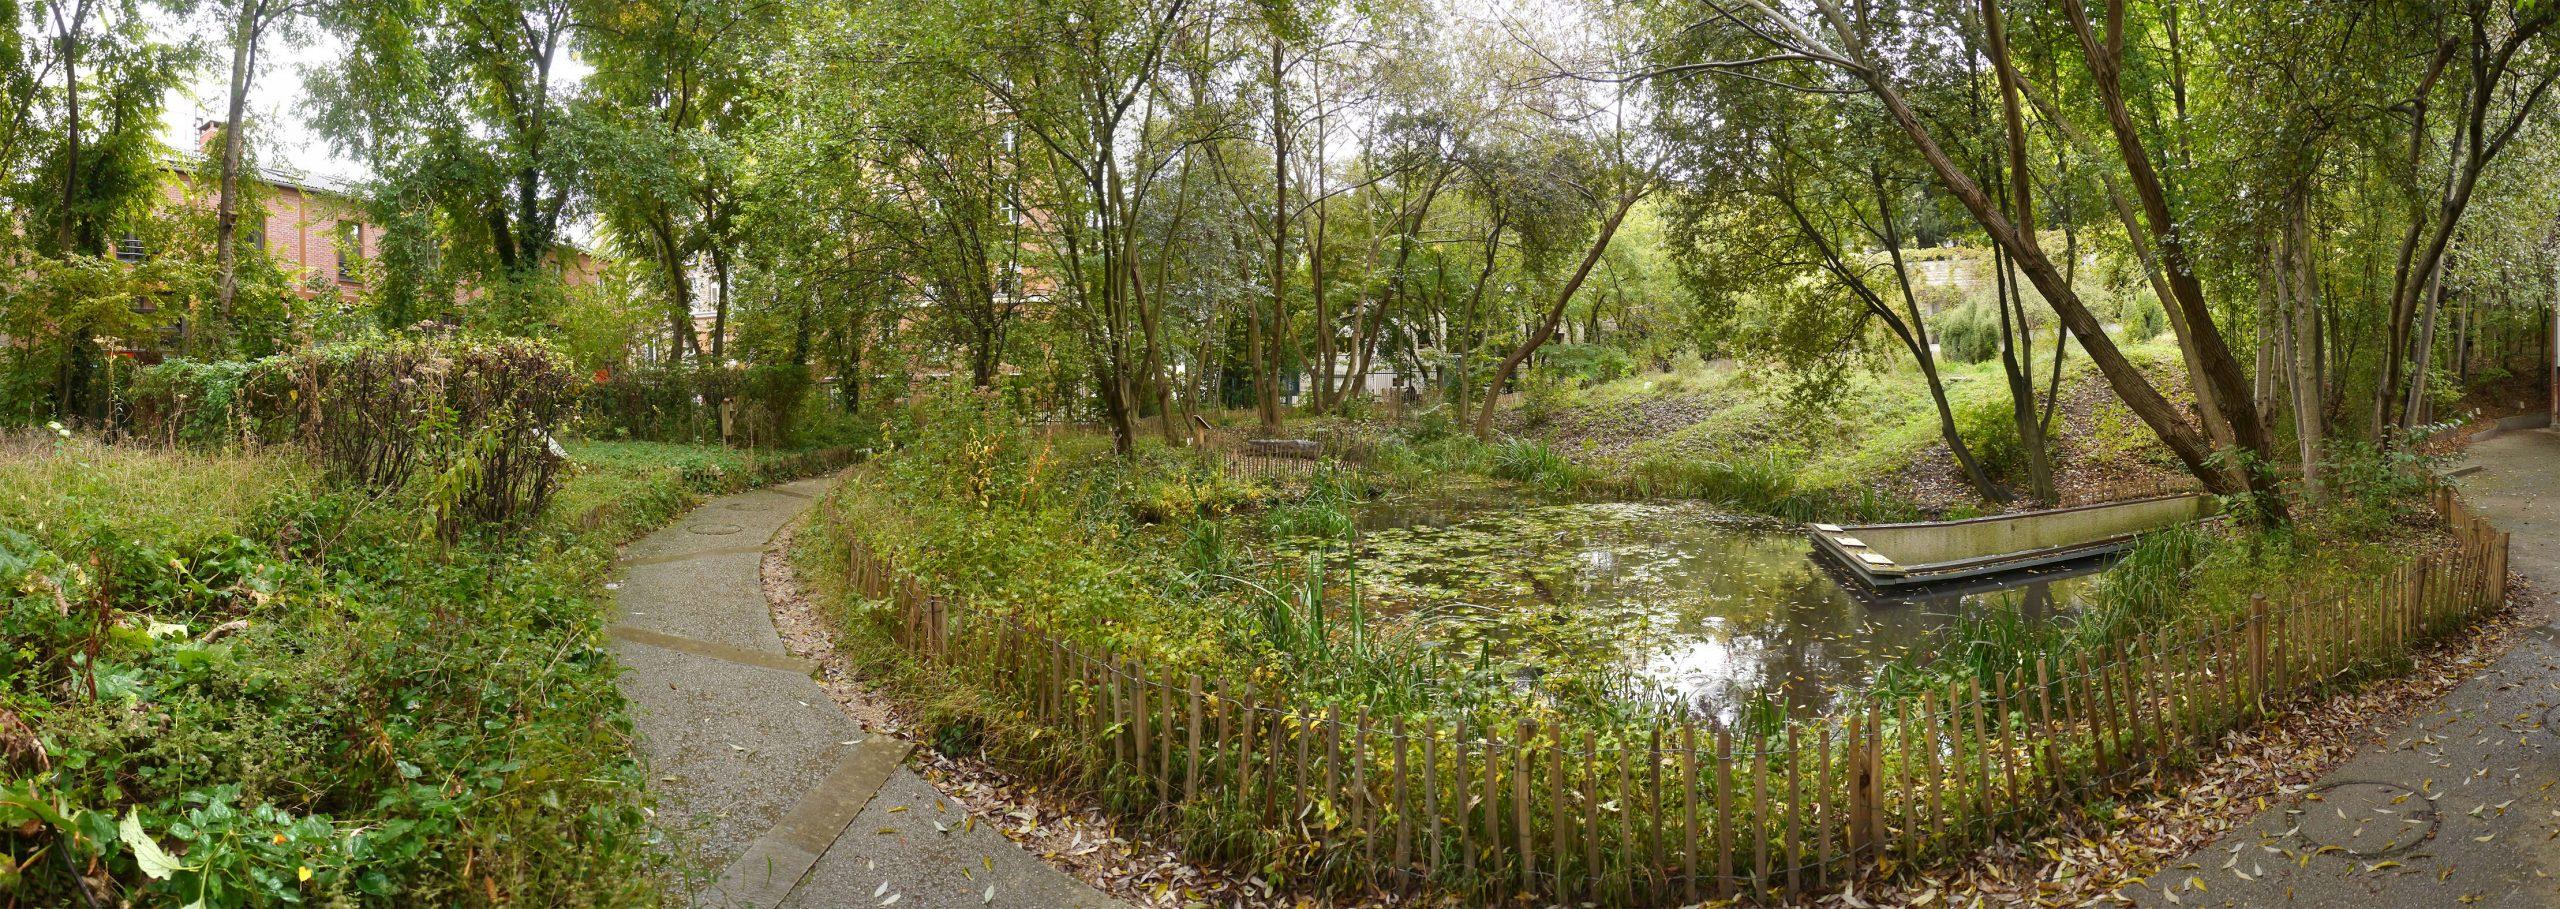 Le Jardin Naturel Pierre-Emmanuel : Un Espace Écologique ... pour Jardins Écologiques